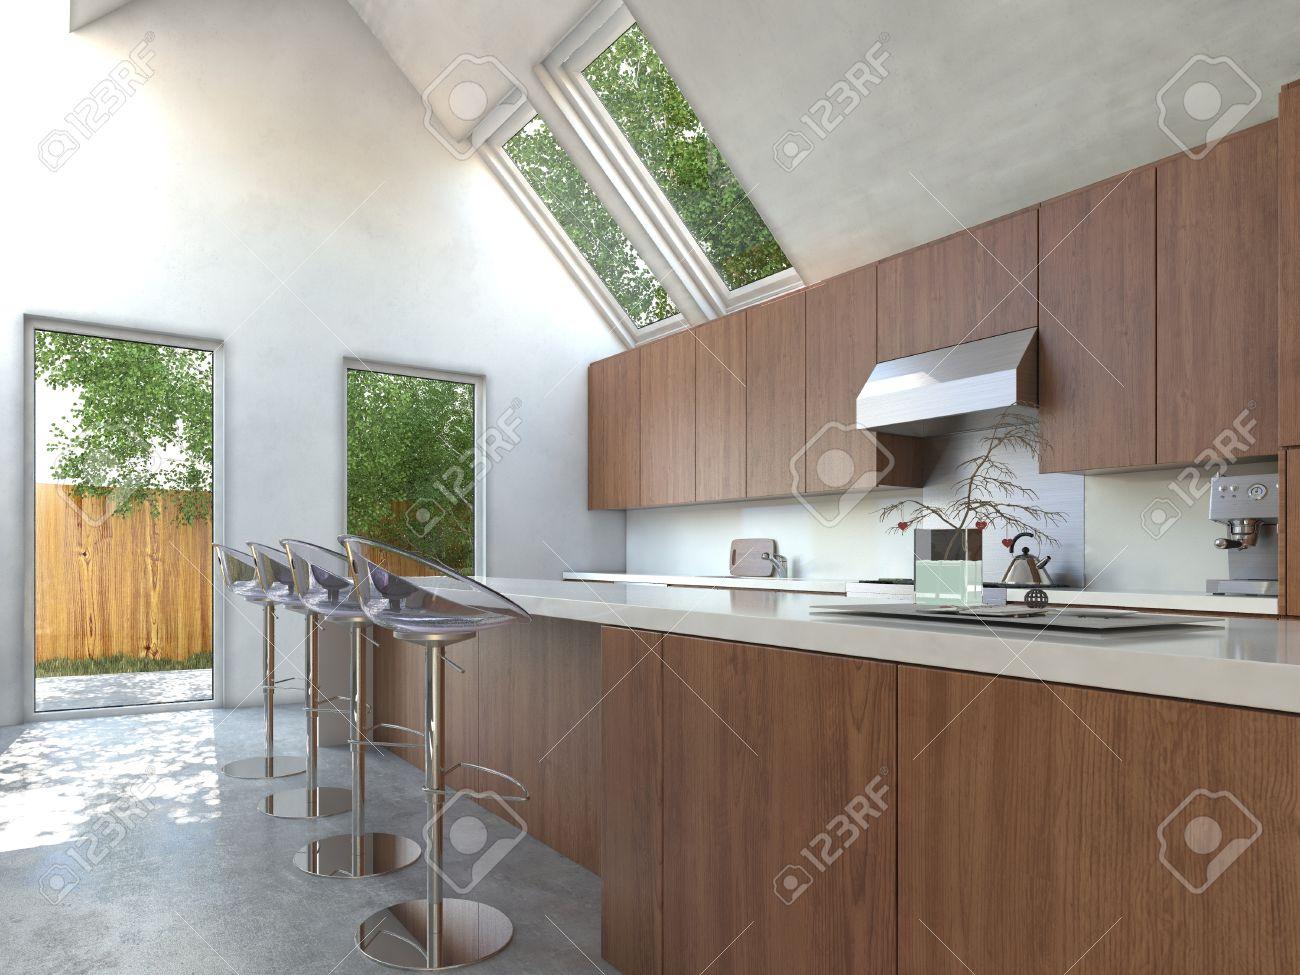 Compact cuisine moderne ouverte avec armoires en bois, un comptoir ...